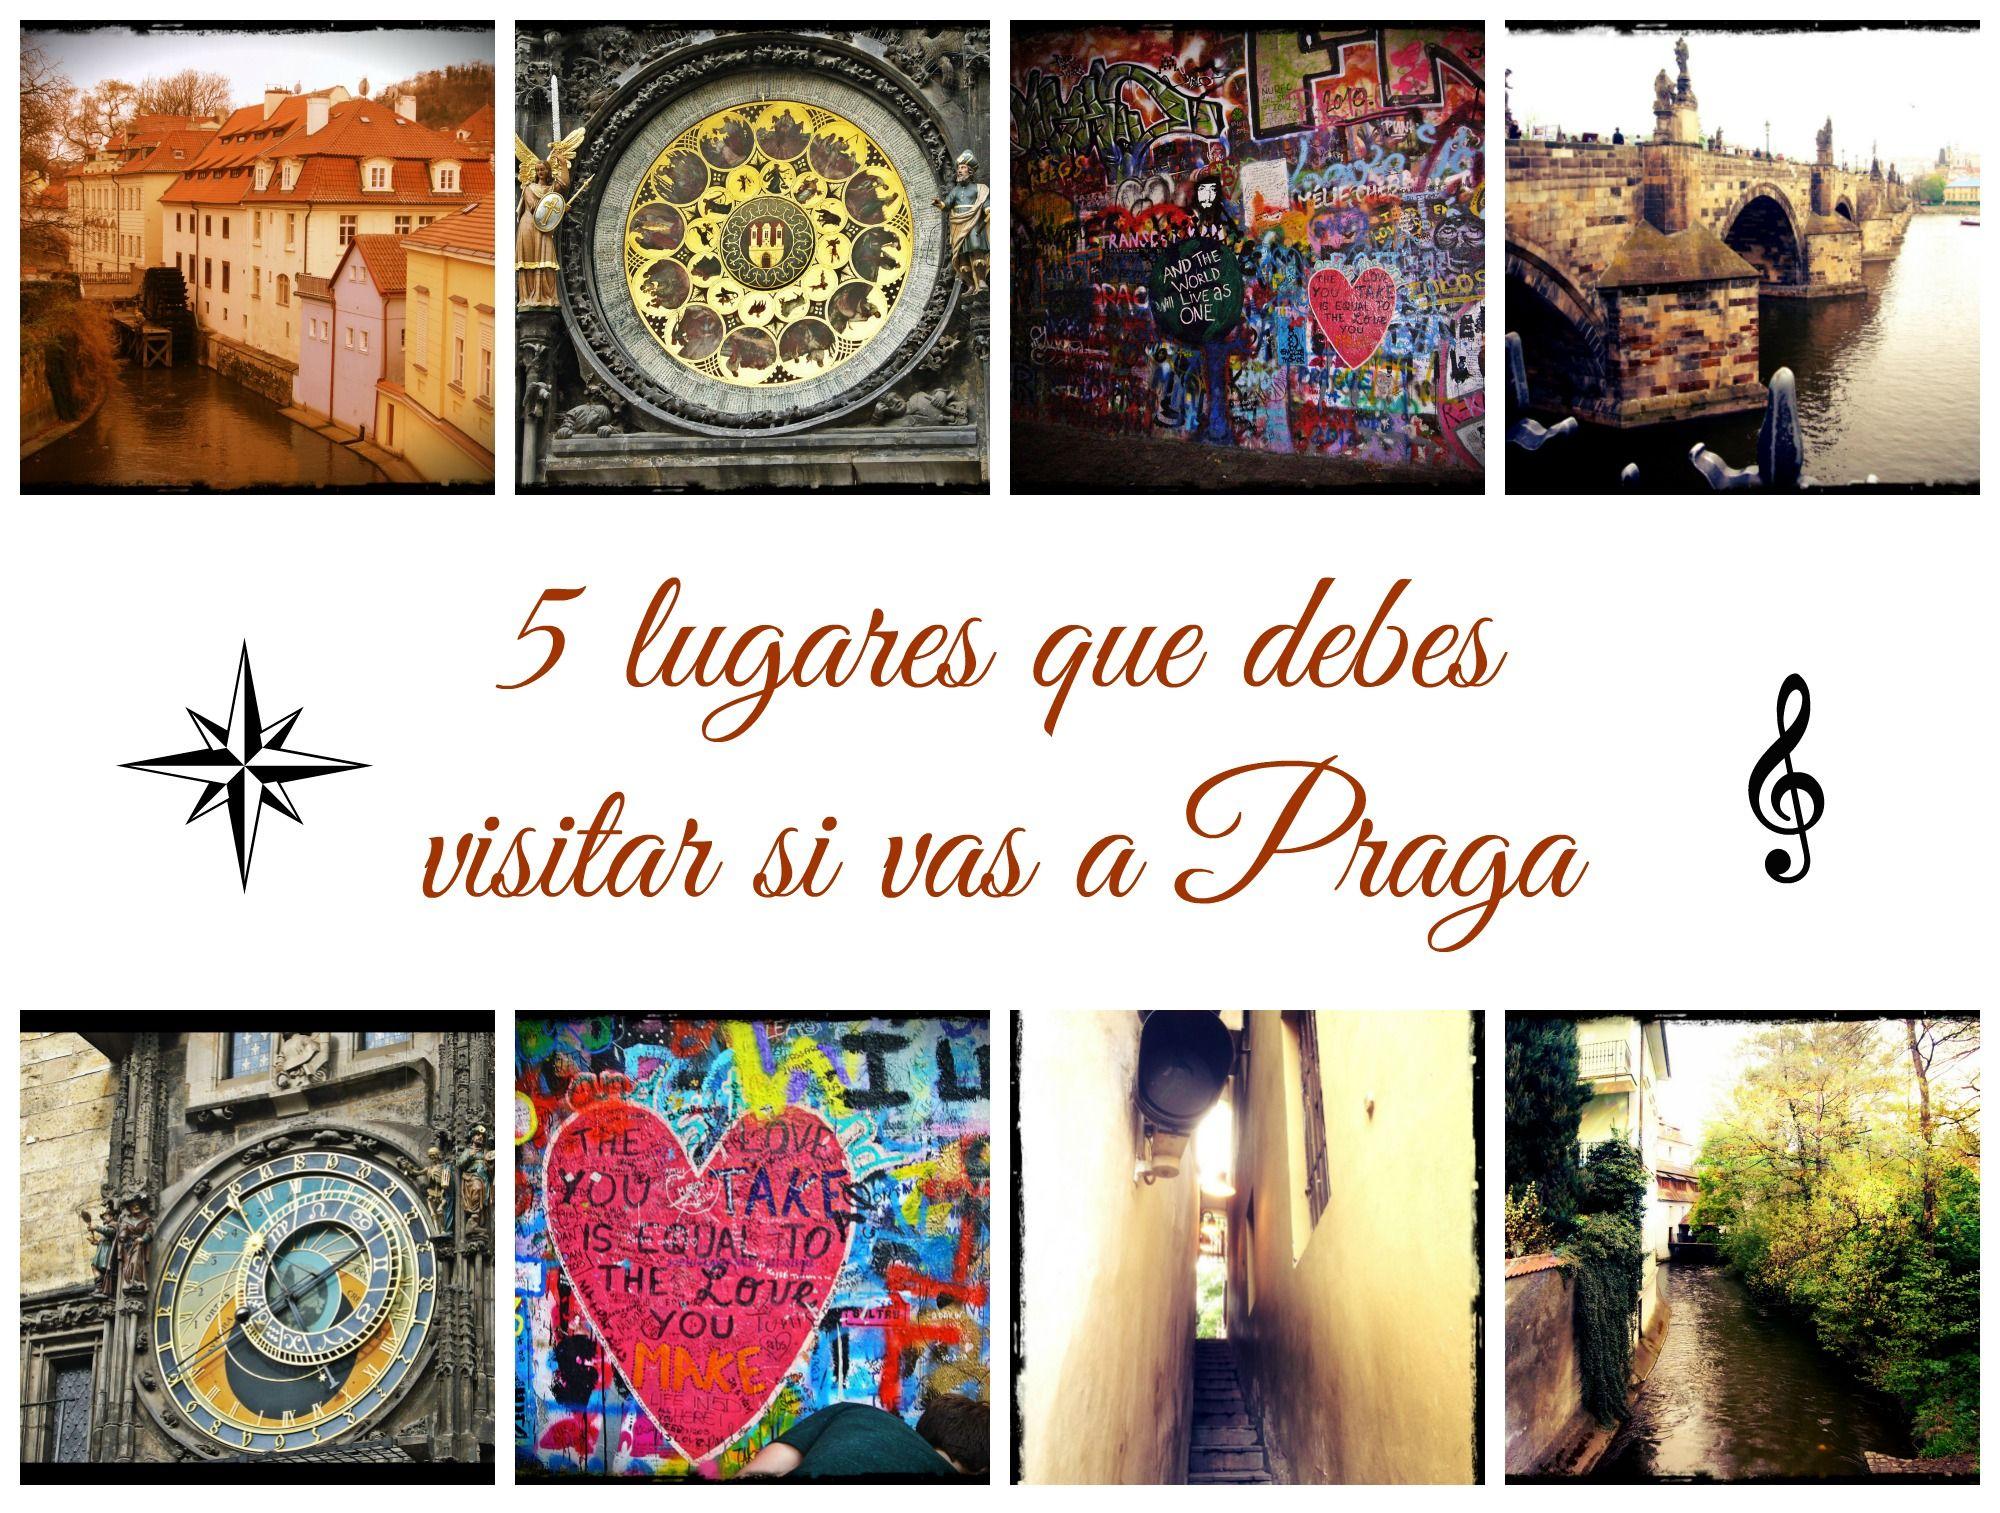 5 lugares que debes visitar si vas a Praga